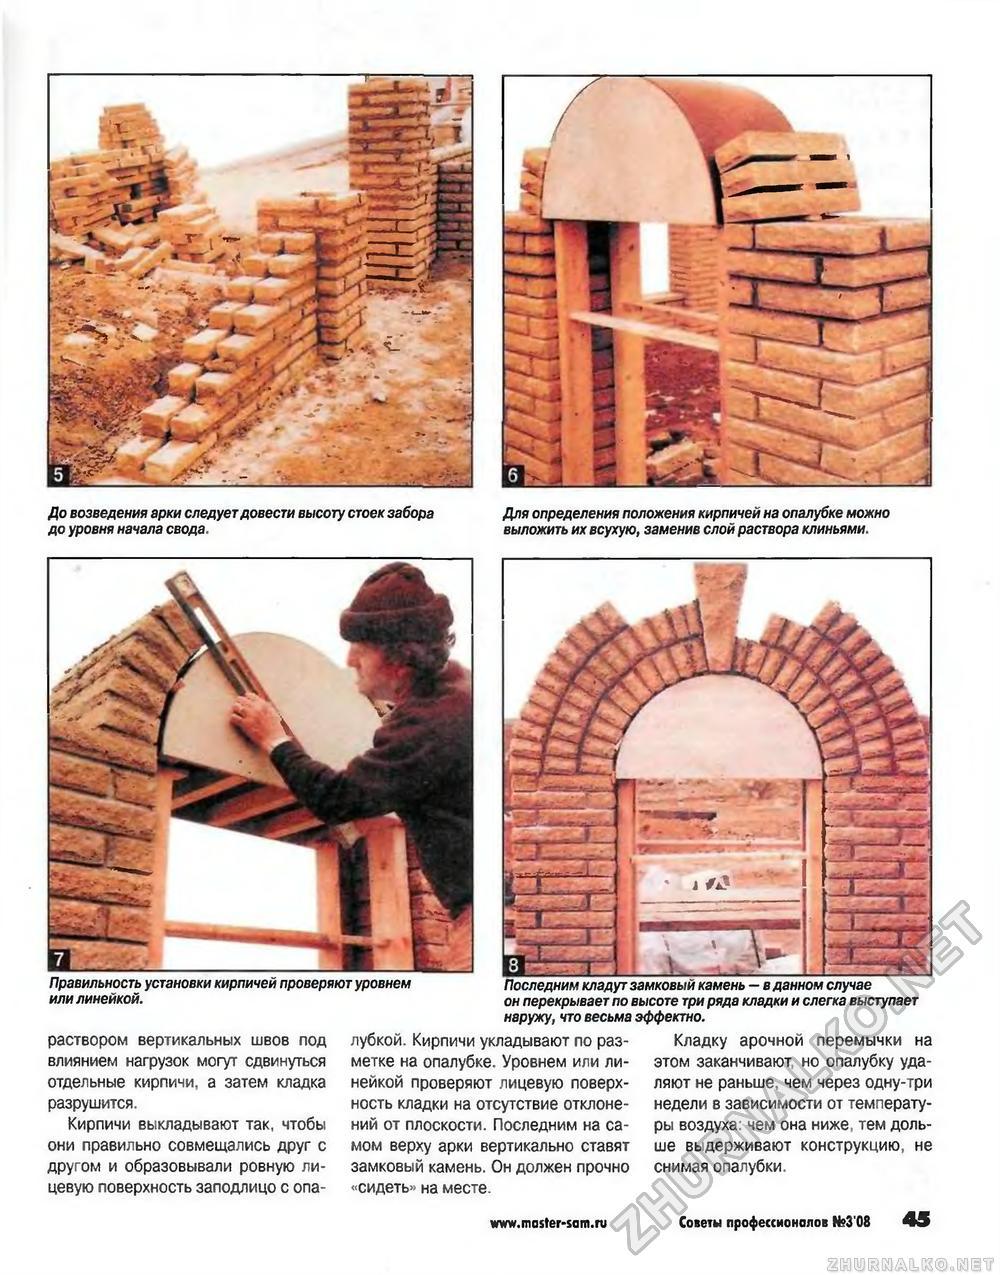 Как сделать арку в доме из кирпича